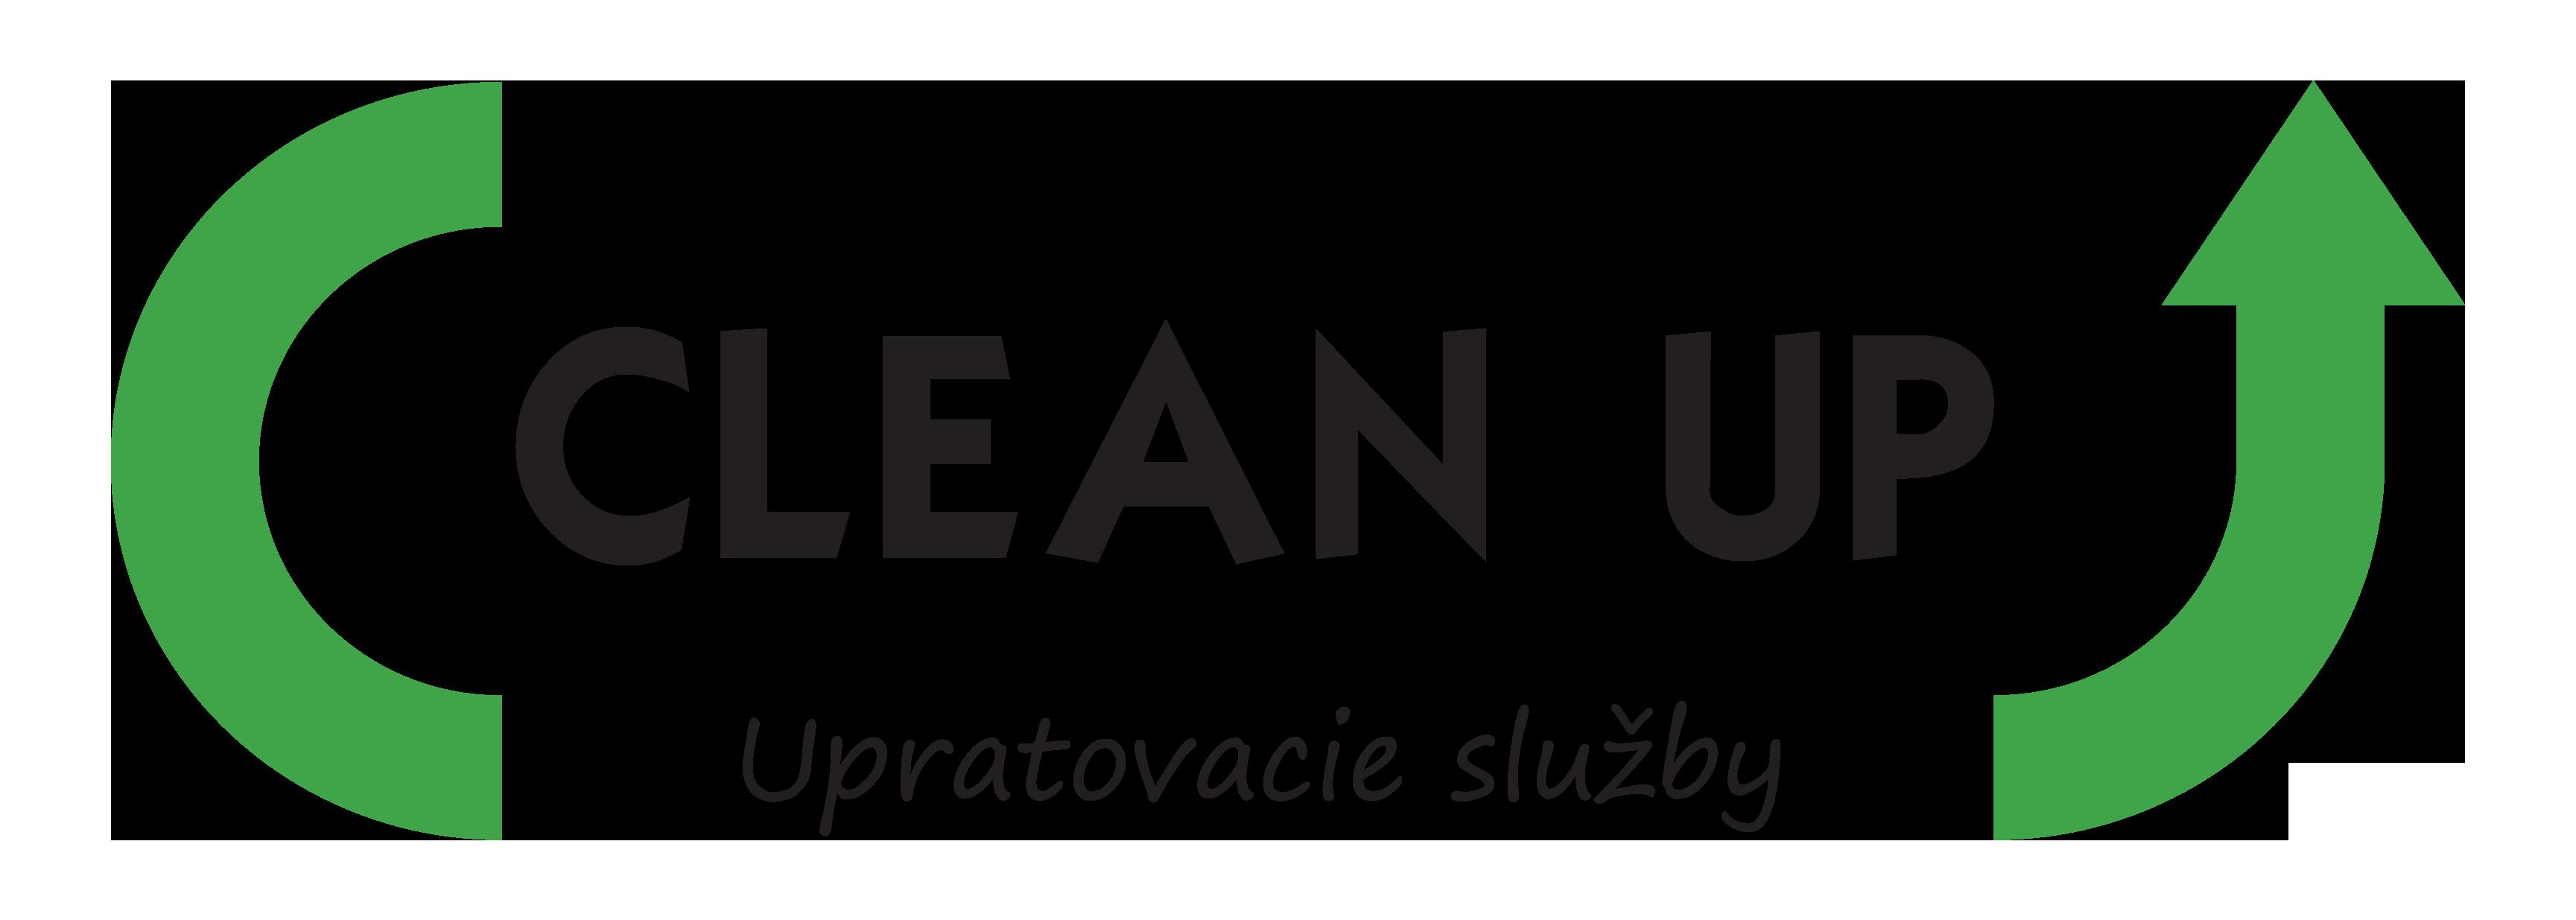 Upratovanie a tepovanie Nové Zámky logo